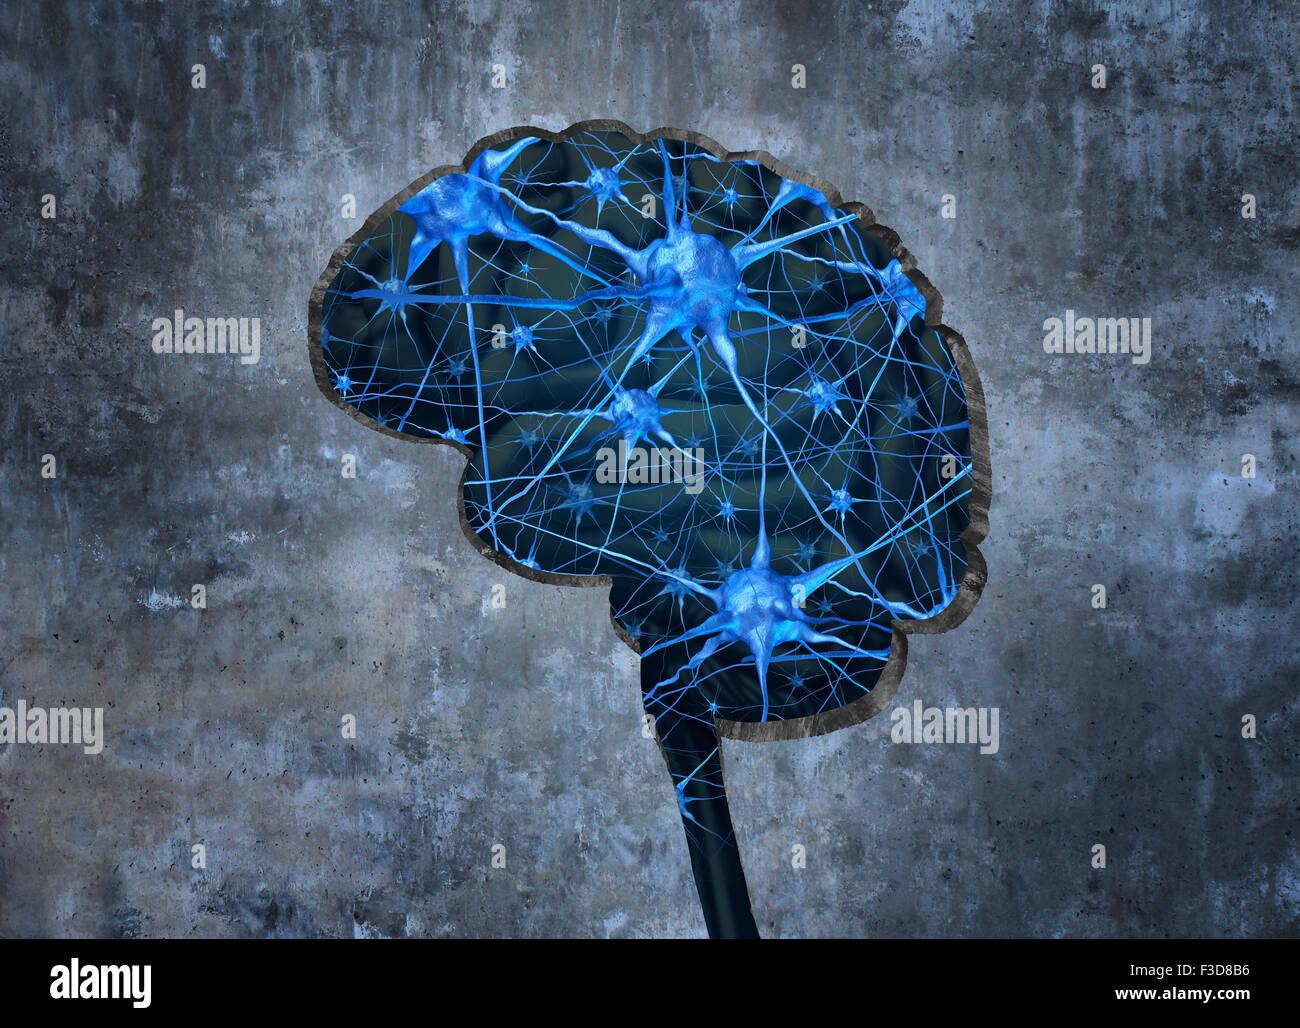 Dentro de neurología humana investigación examina el concepto de la mente de un ser humano para sanar la pérdida Foto de stock